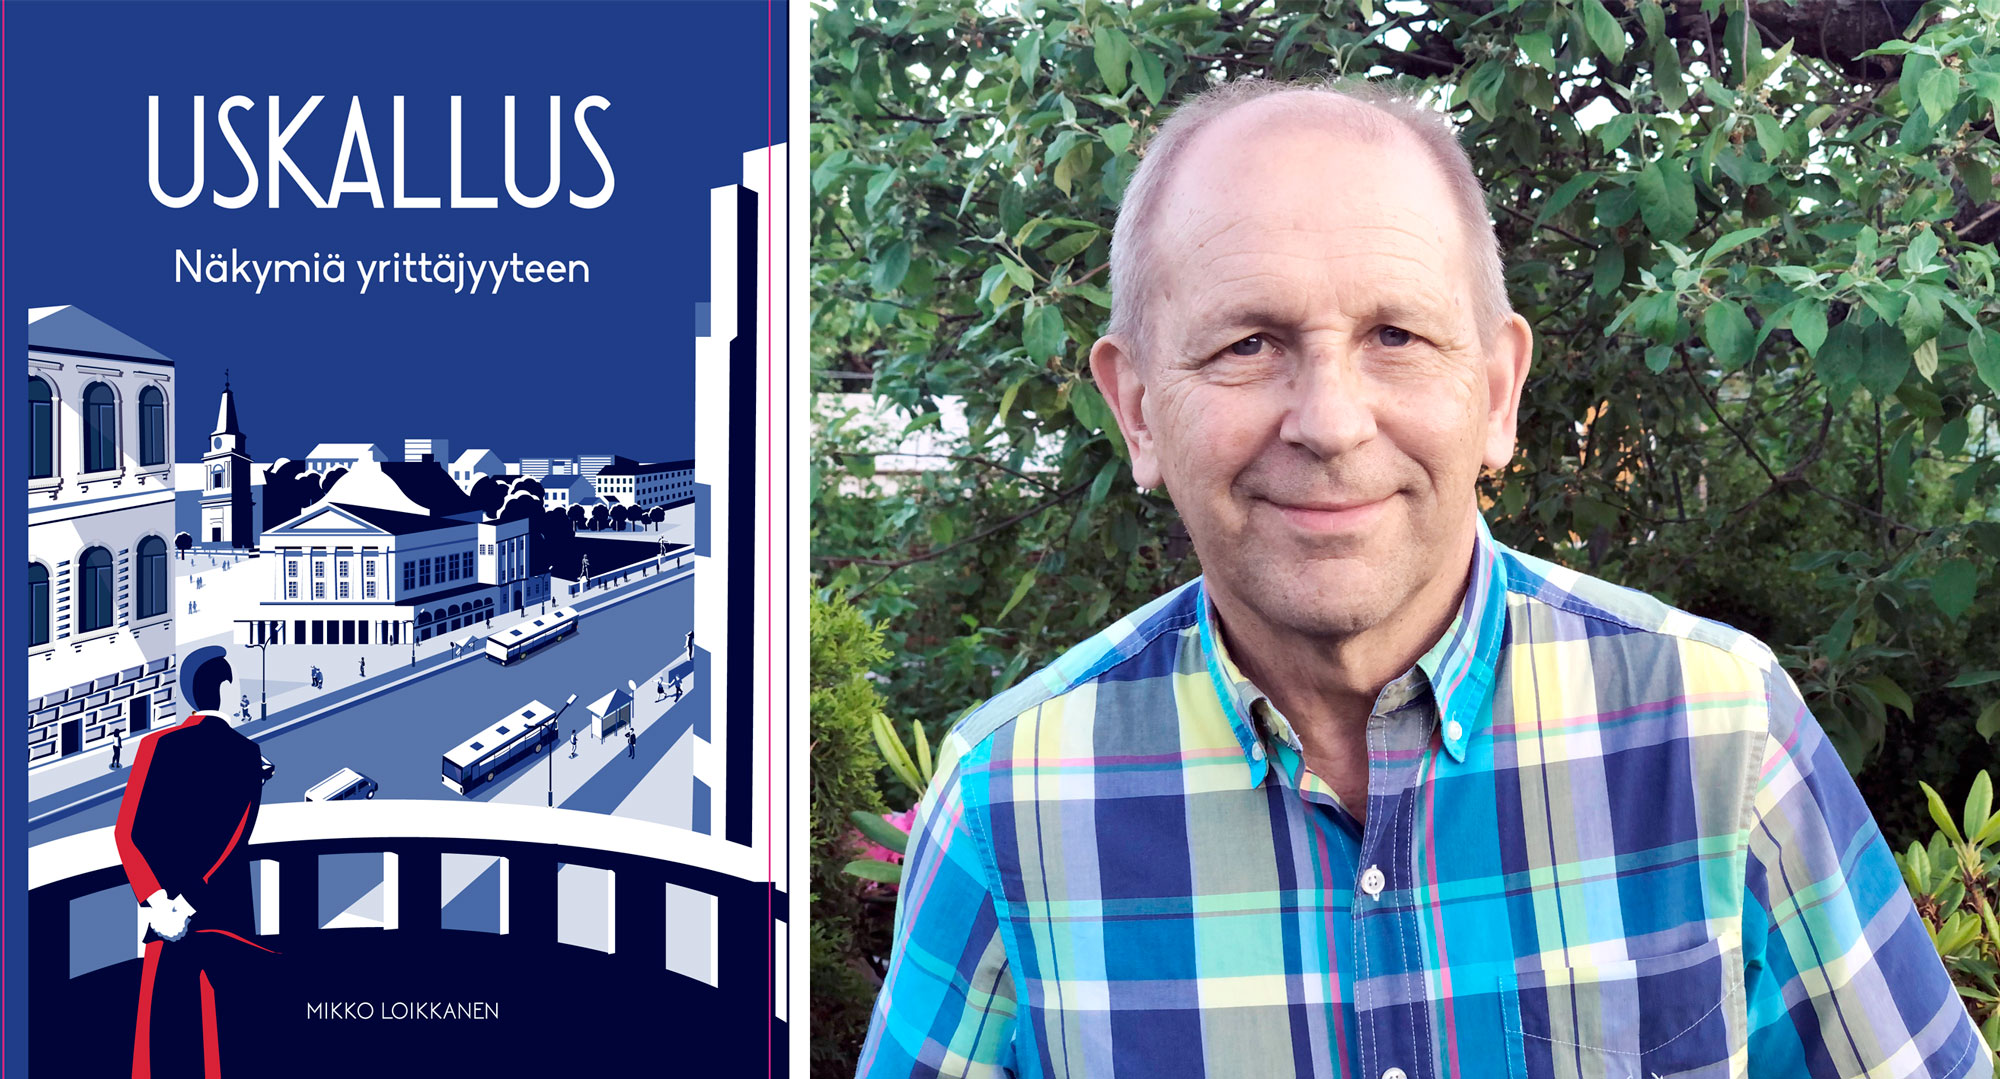 Uskallus – Näkymiä yrittäjyyteen on Mikko Loikkasen omakustanneteos, jossa hän kertoo oman tarinansa pienyrittäjyydestä. Kirjan kansikuva on Omar Escalanten taidonnäyte.